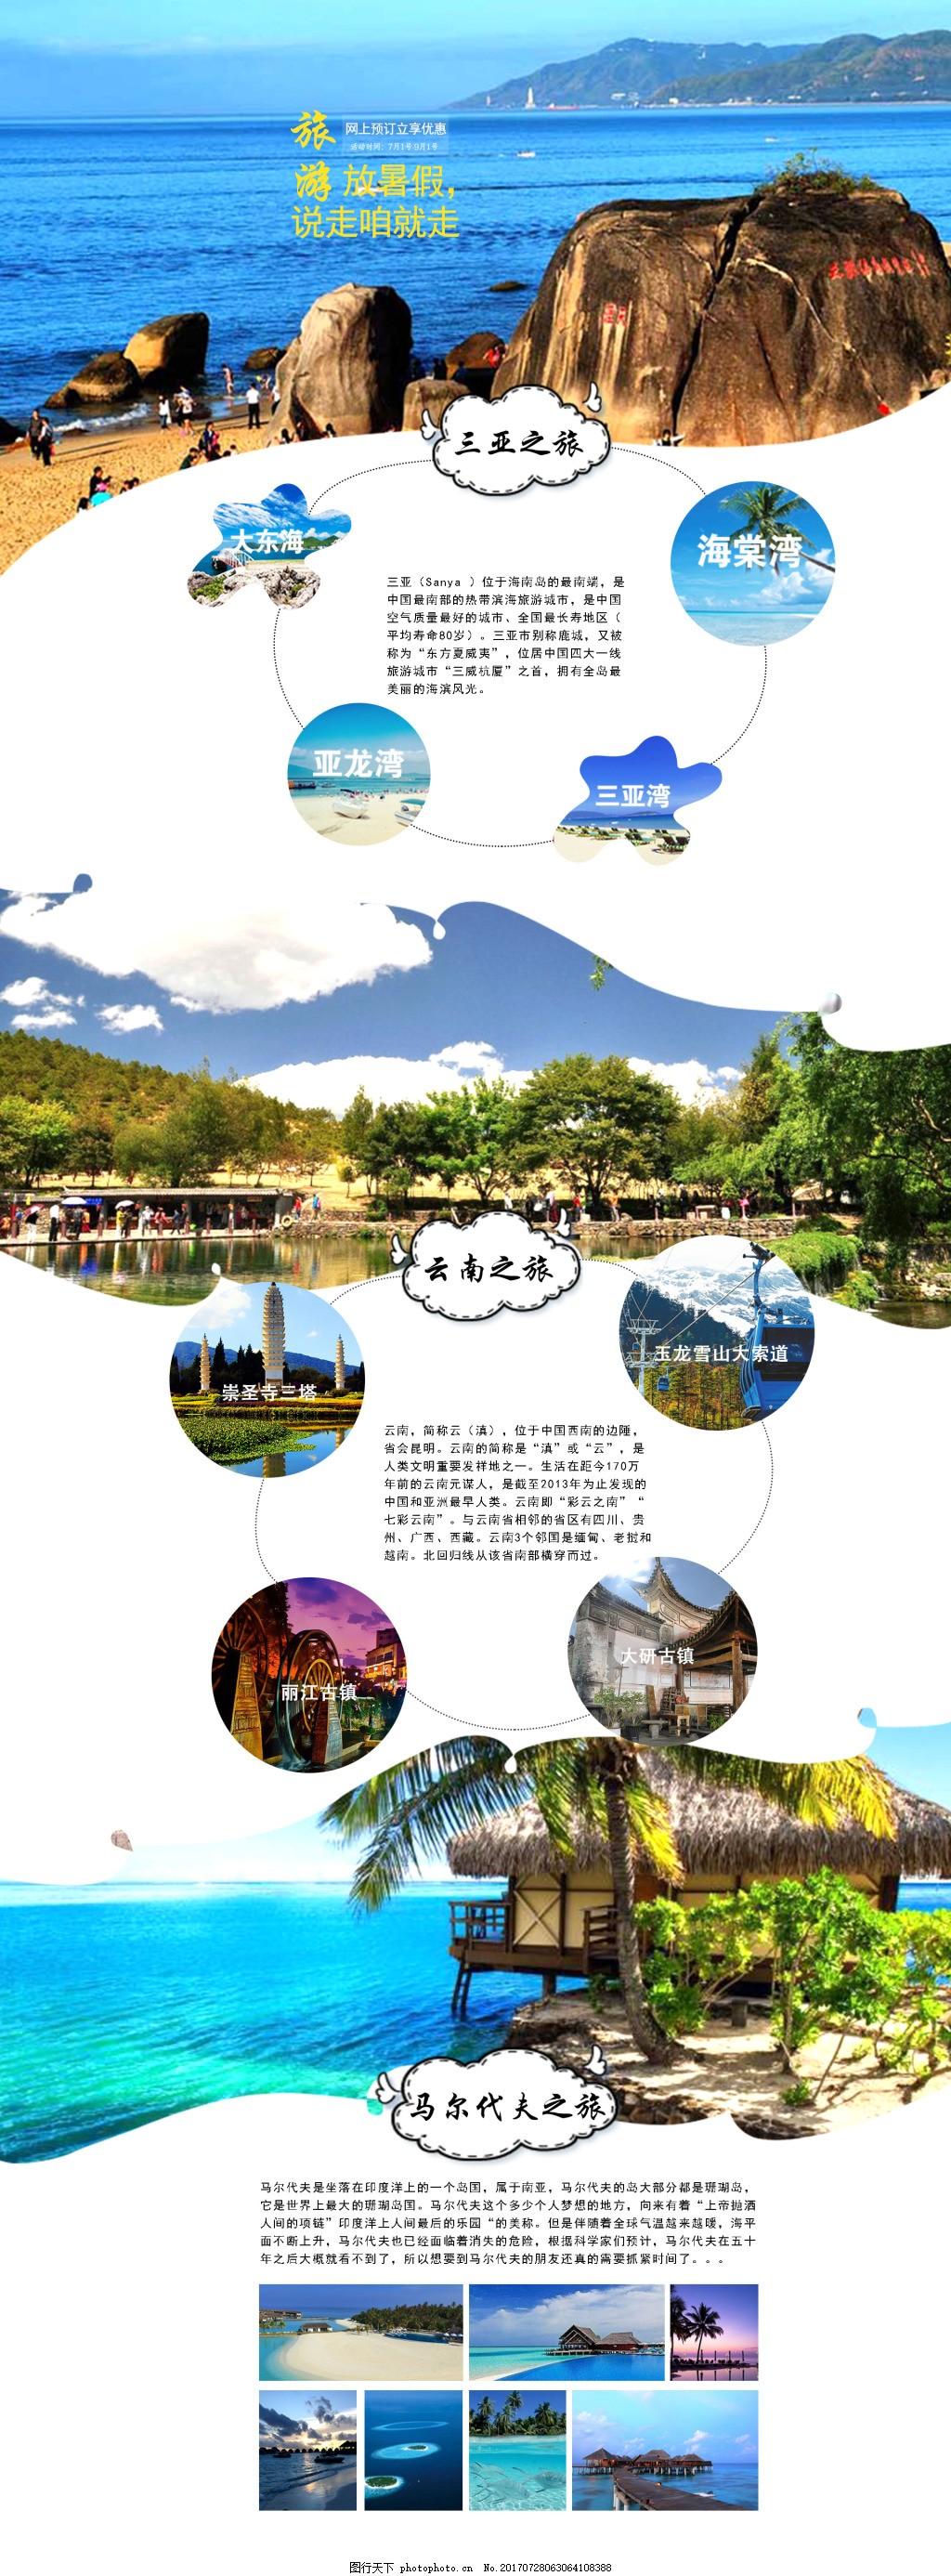 旅游专题页网页详情页 三亚 云南 马尔代夫 暑假